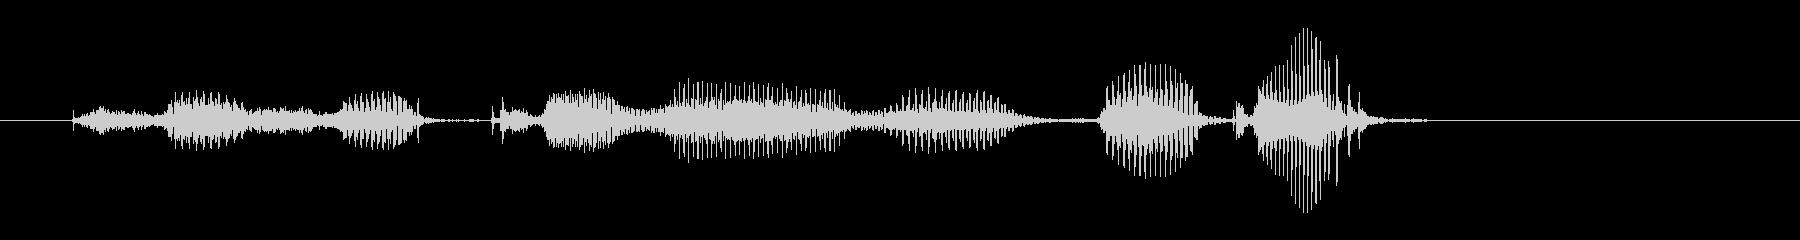 続きはWebで(優しい声)の未再生の波形